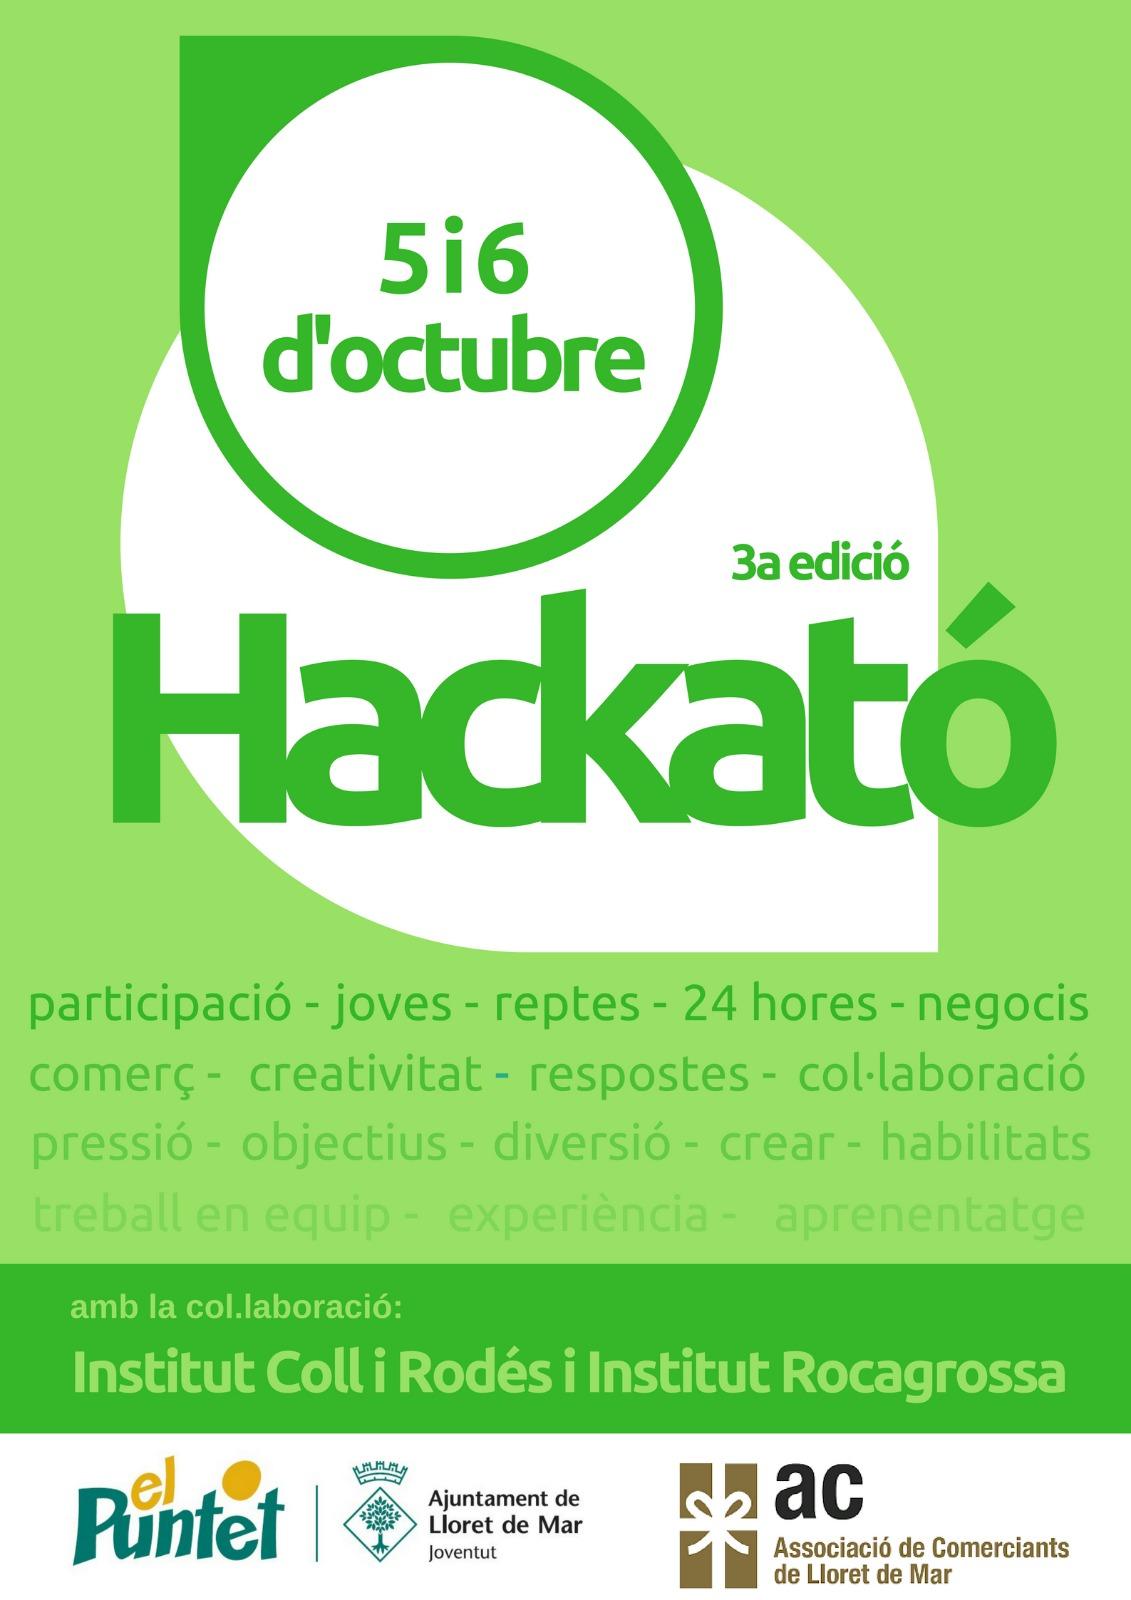 HACKATÓ 2018